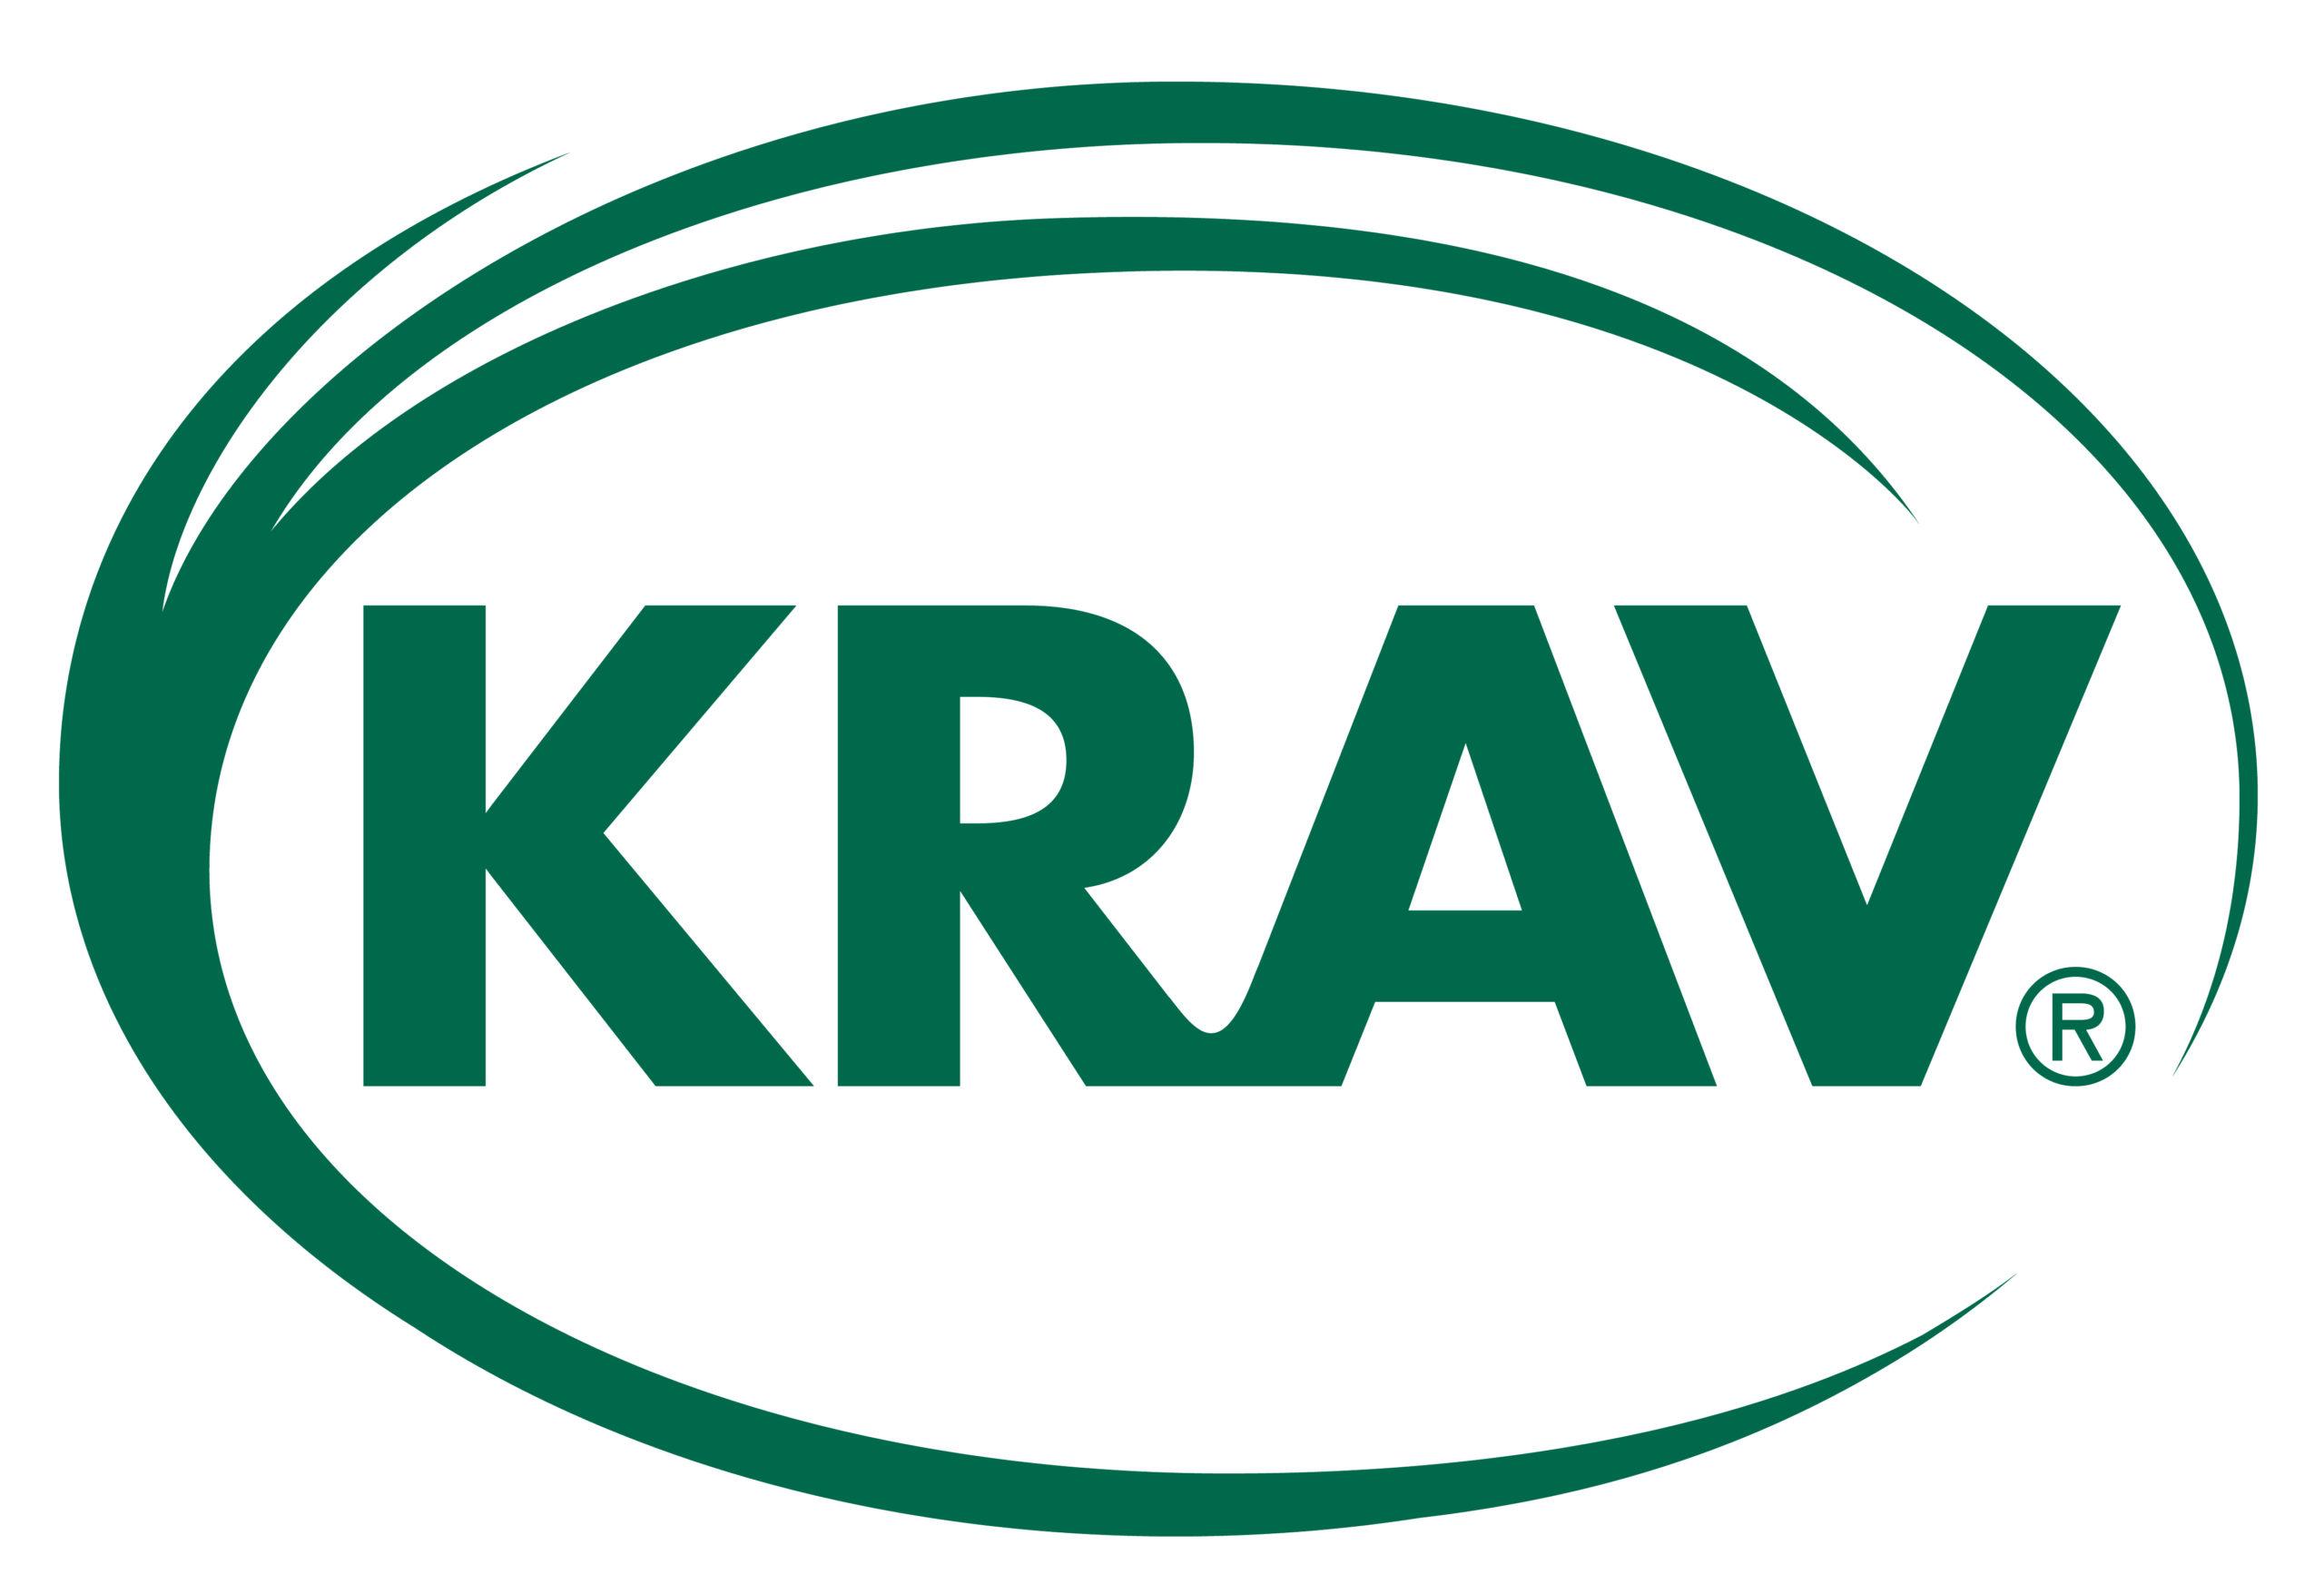 krav_marke-scaled